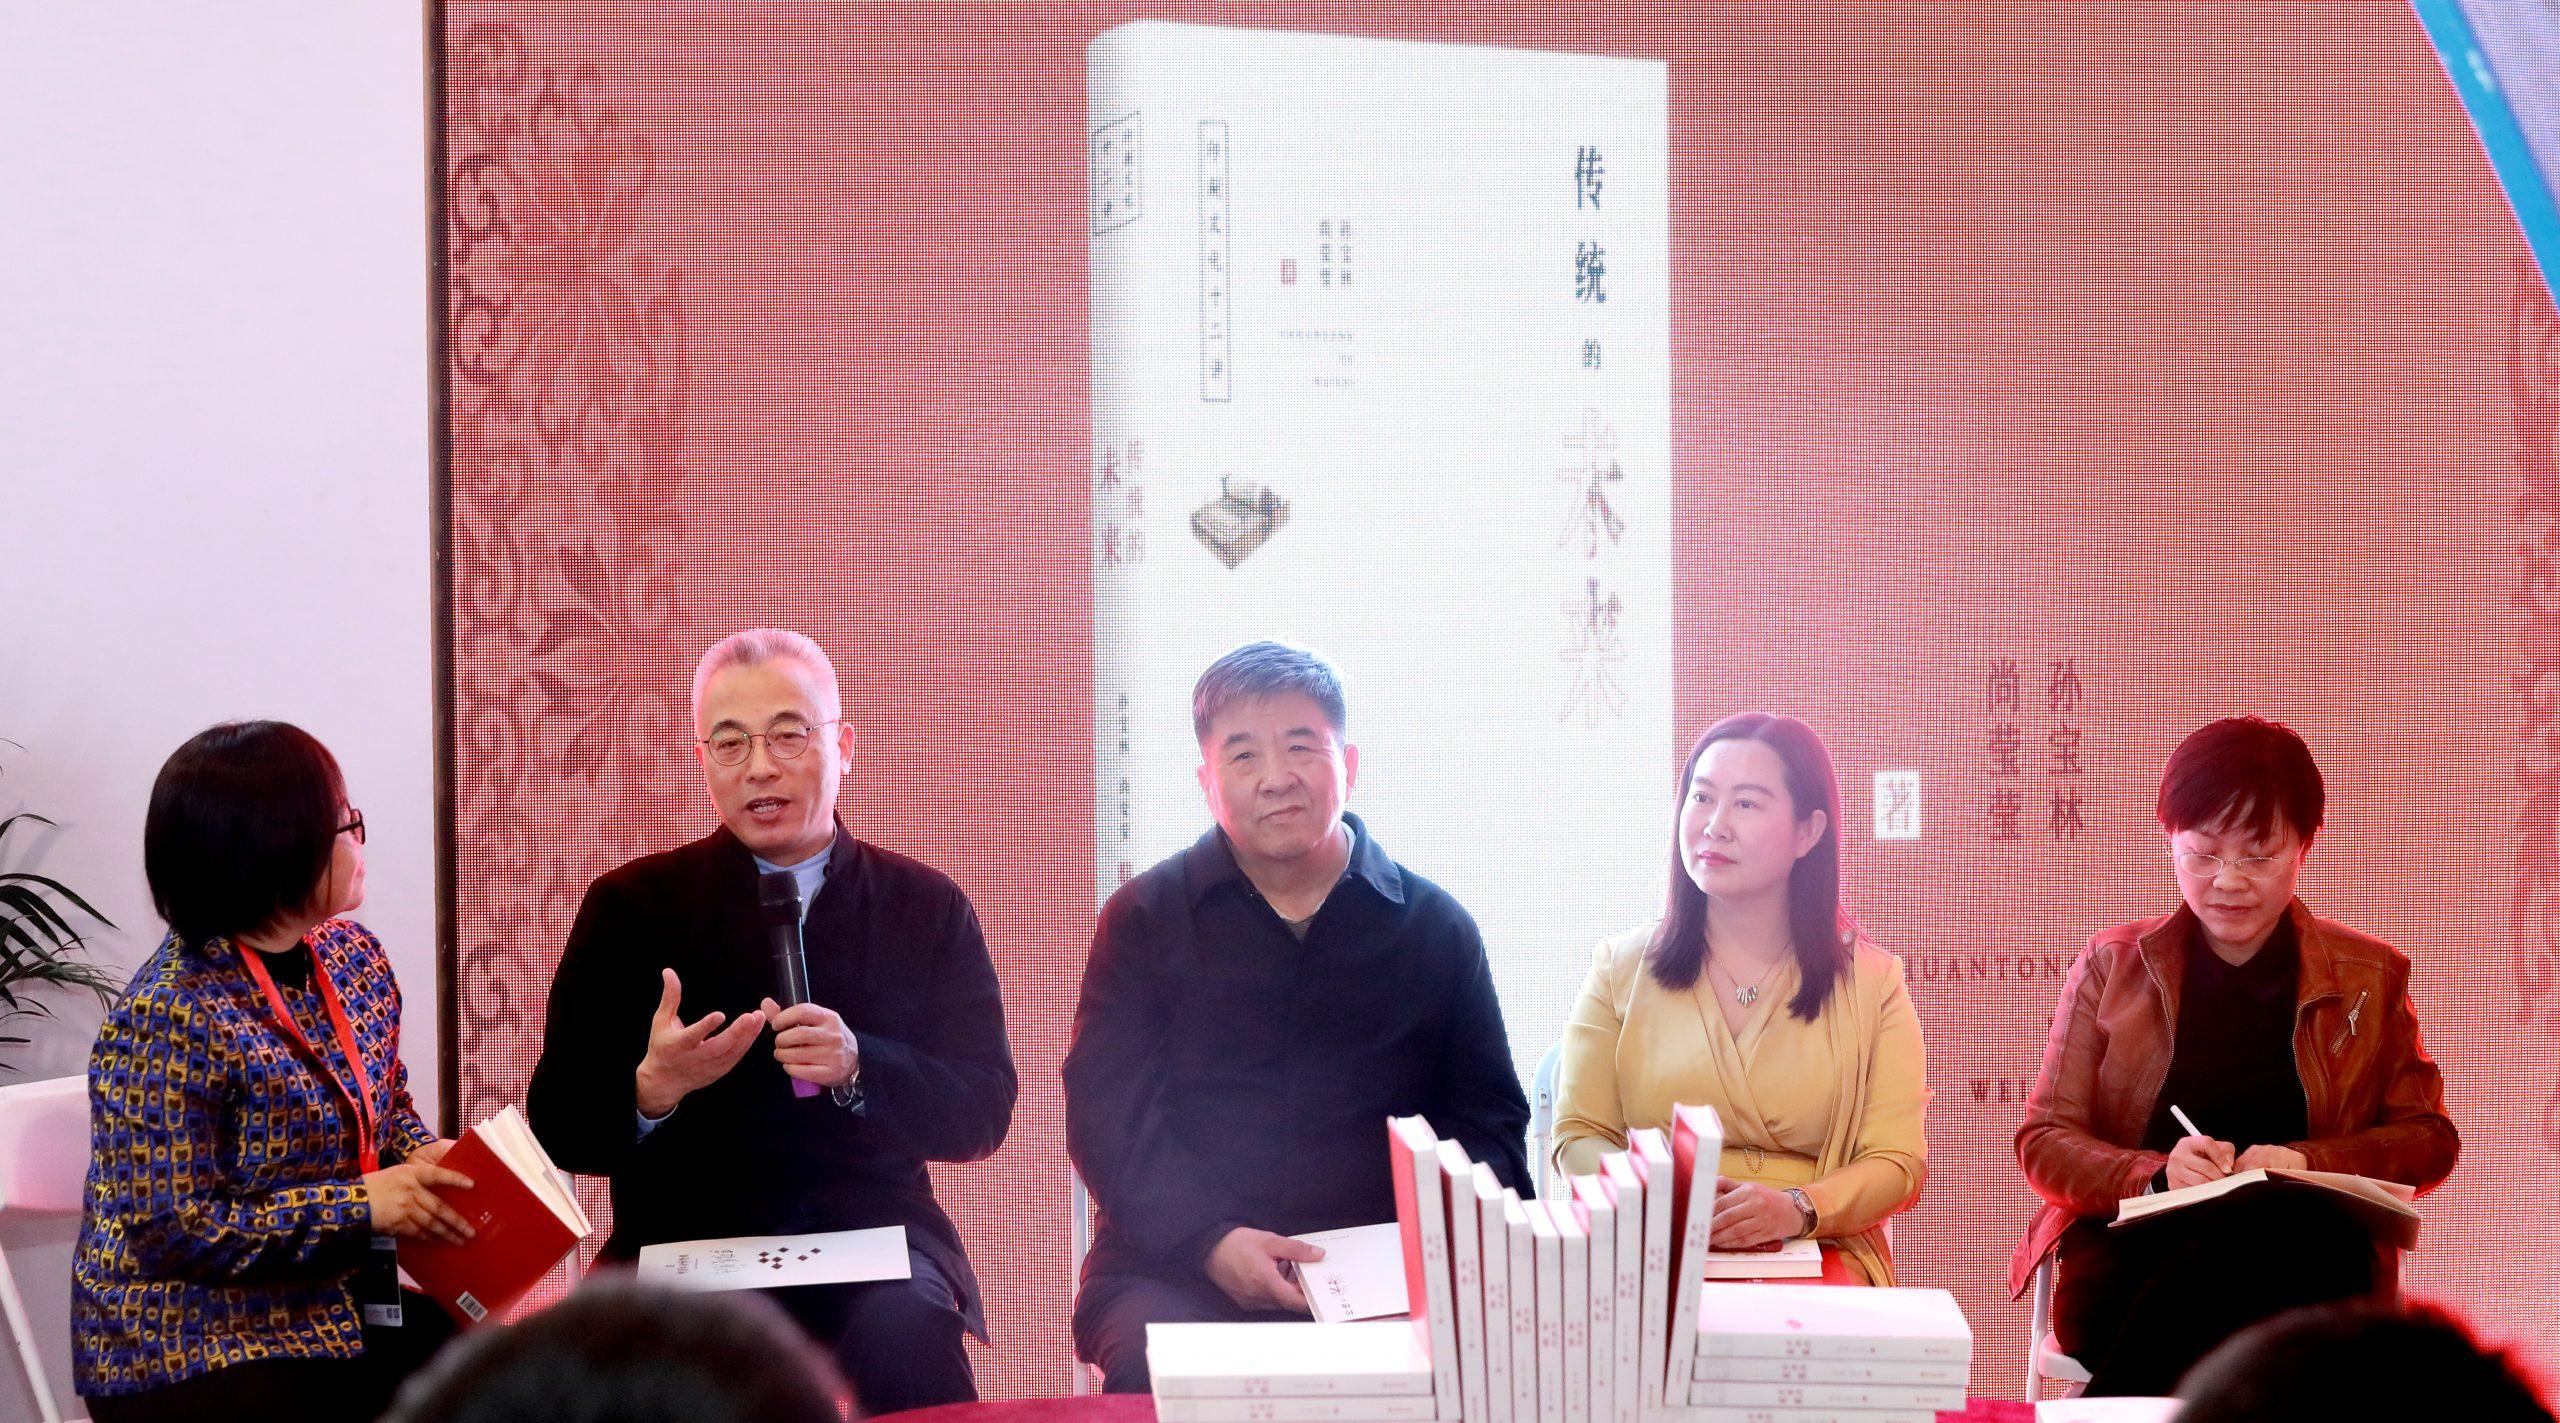 《传统的未来》首发式暨读书会在北京举行